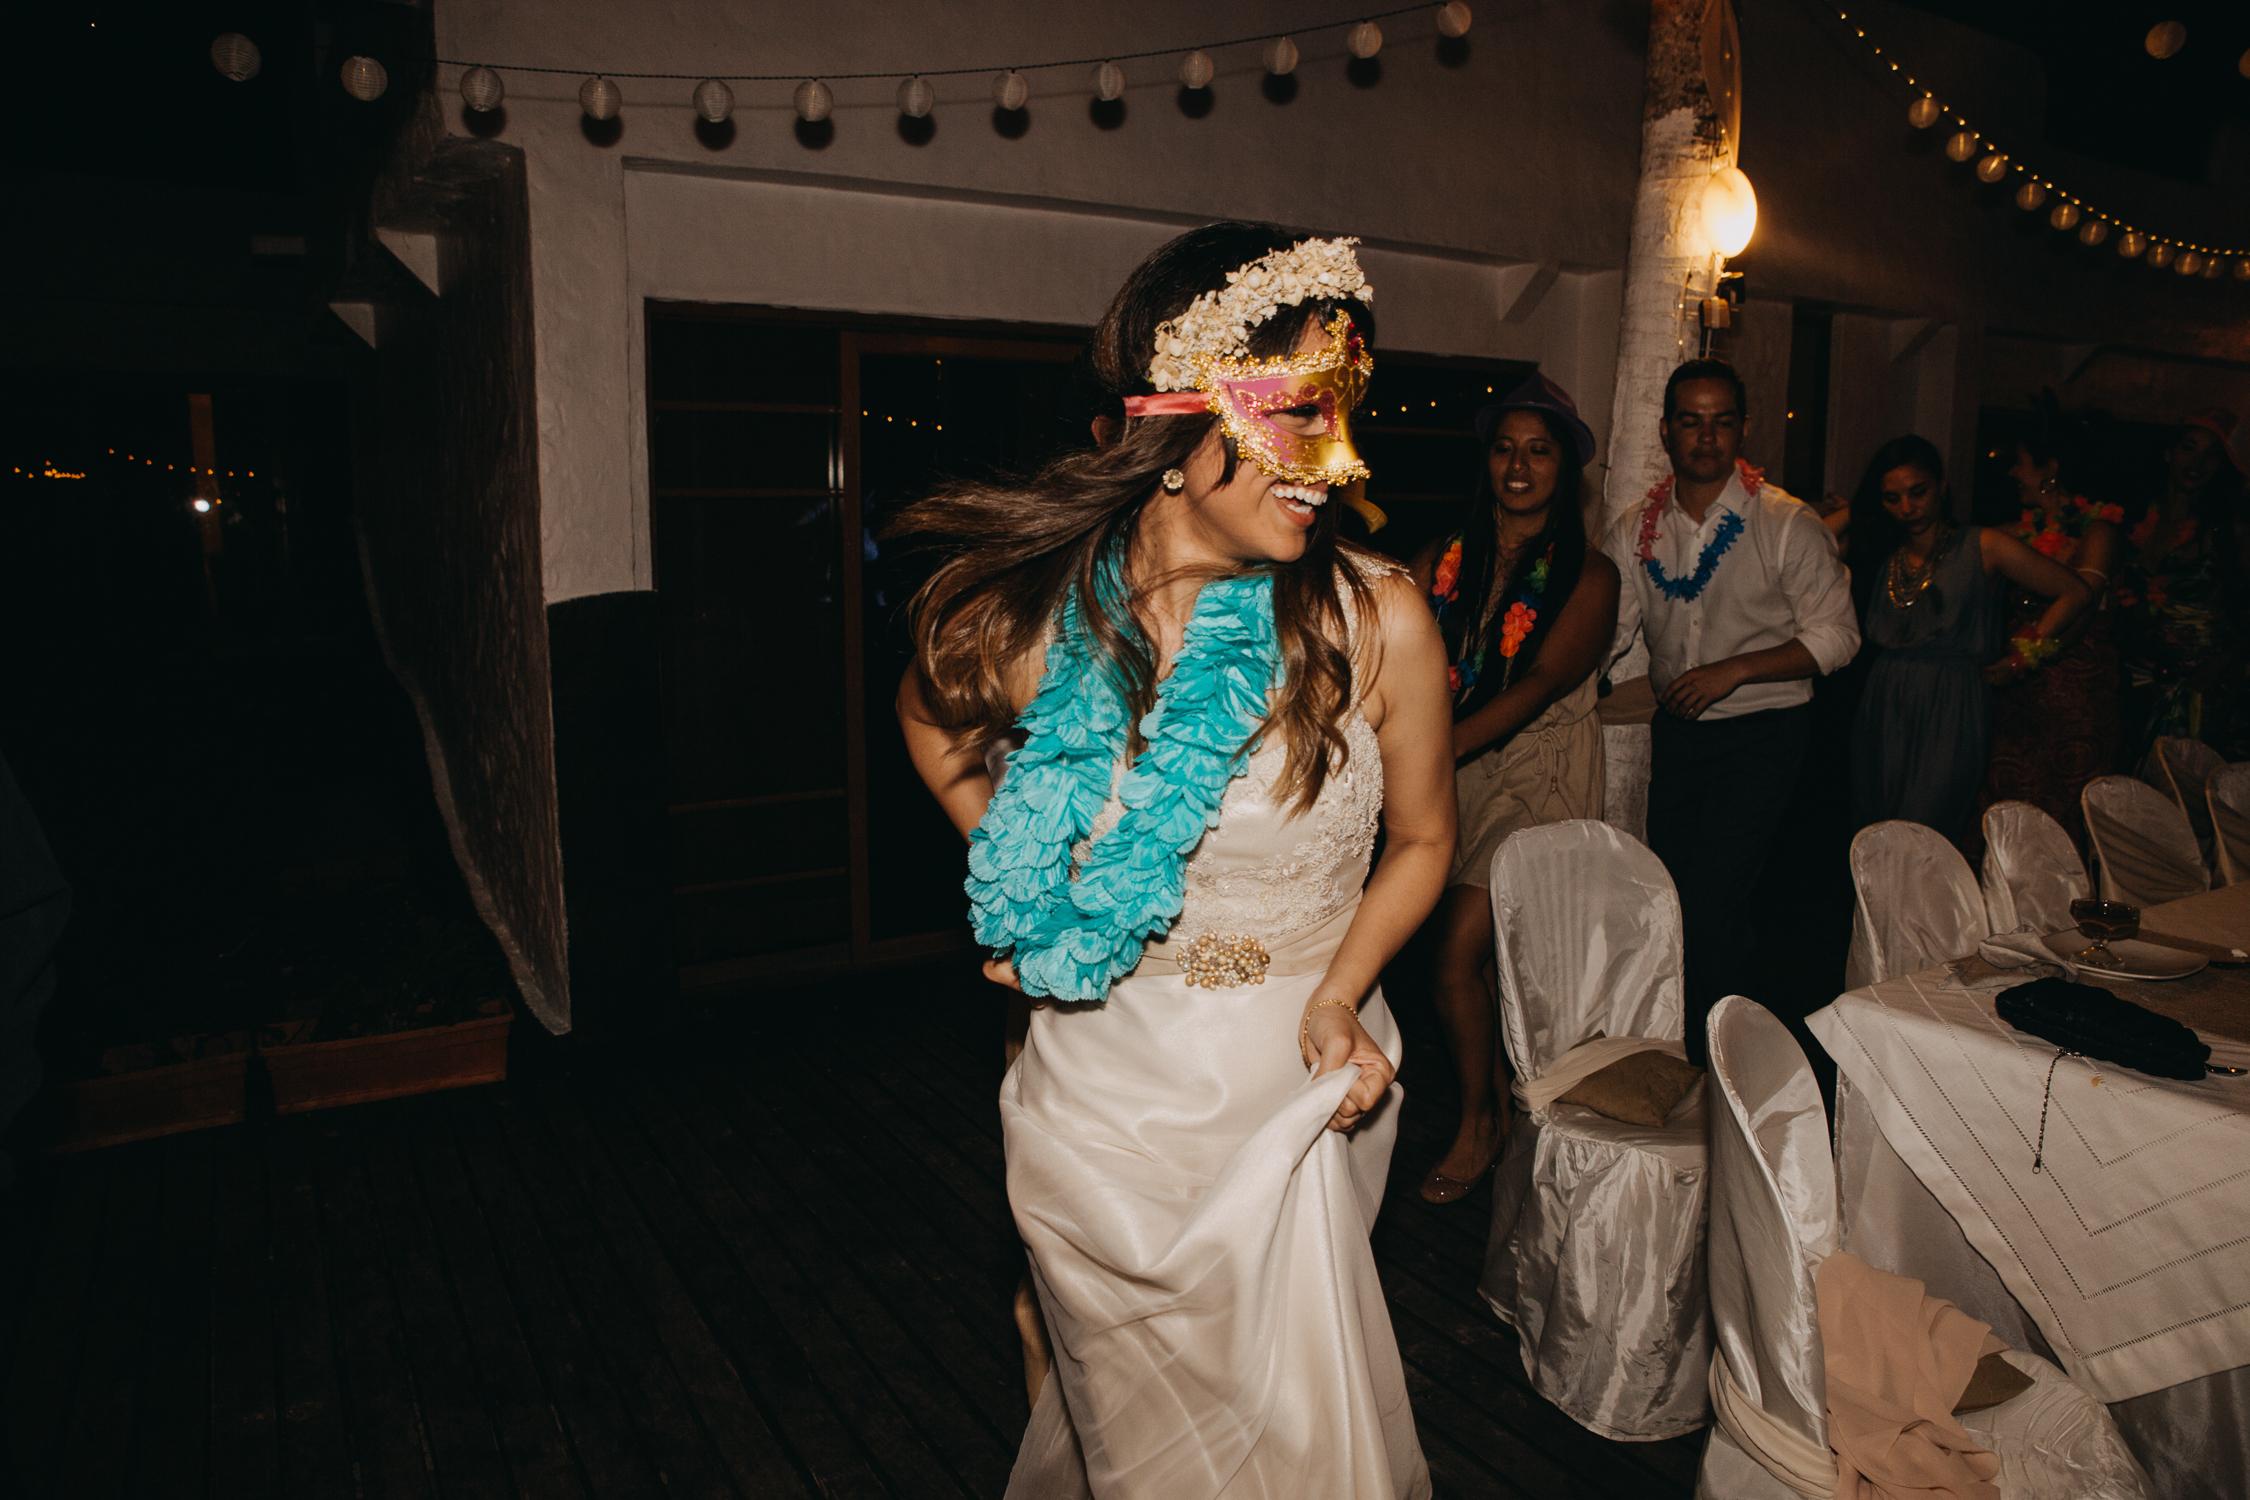 Michelle-Agurto-Fotografia-Bodas-Ecuador-Destination-Wedding-Photographer-Galapagos-Andrea-Joaquin-490.JPG